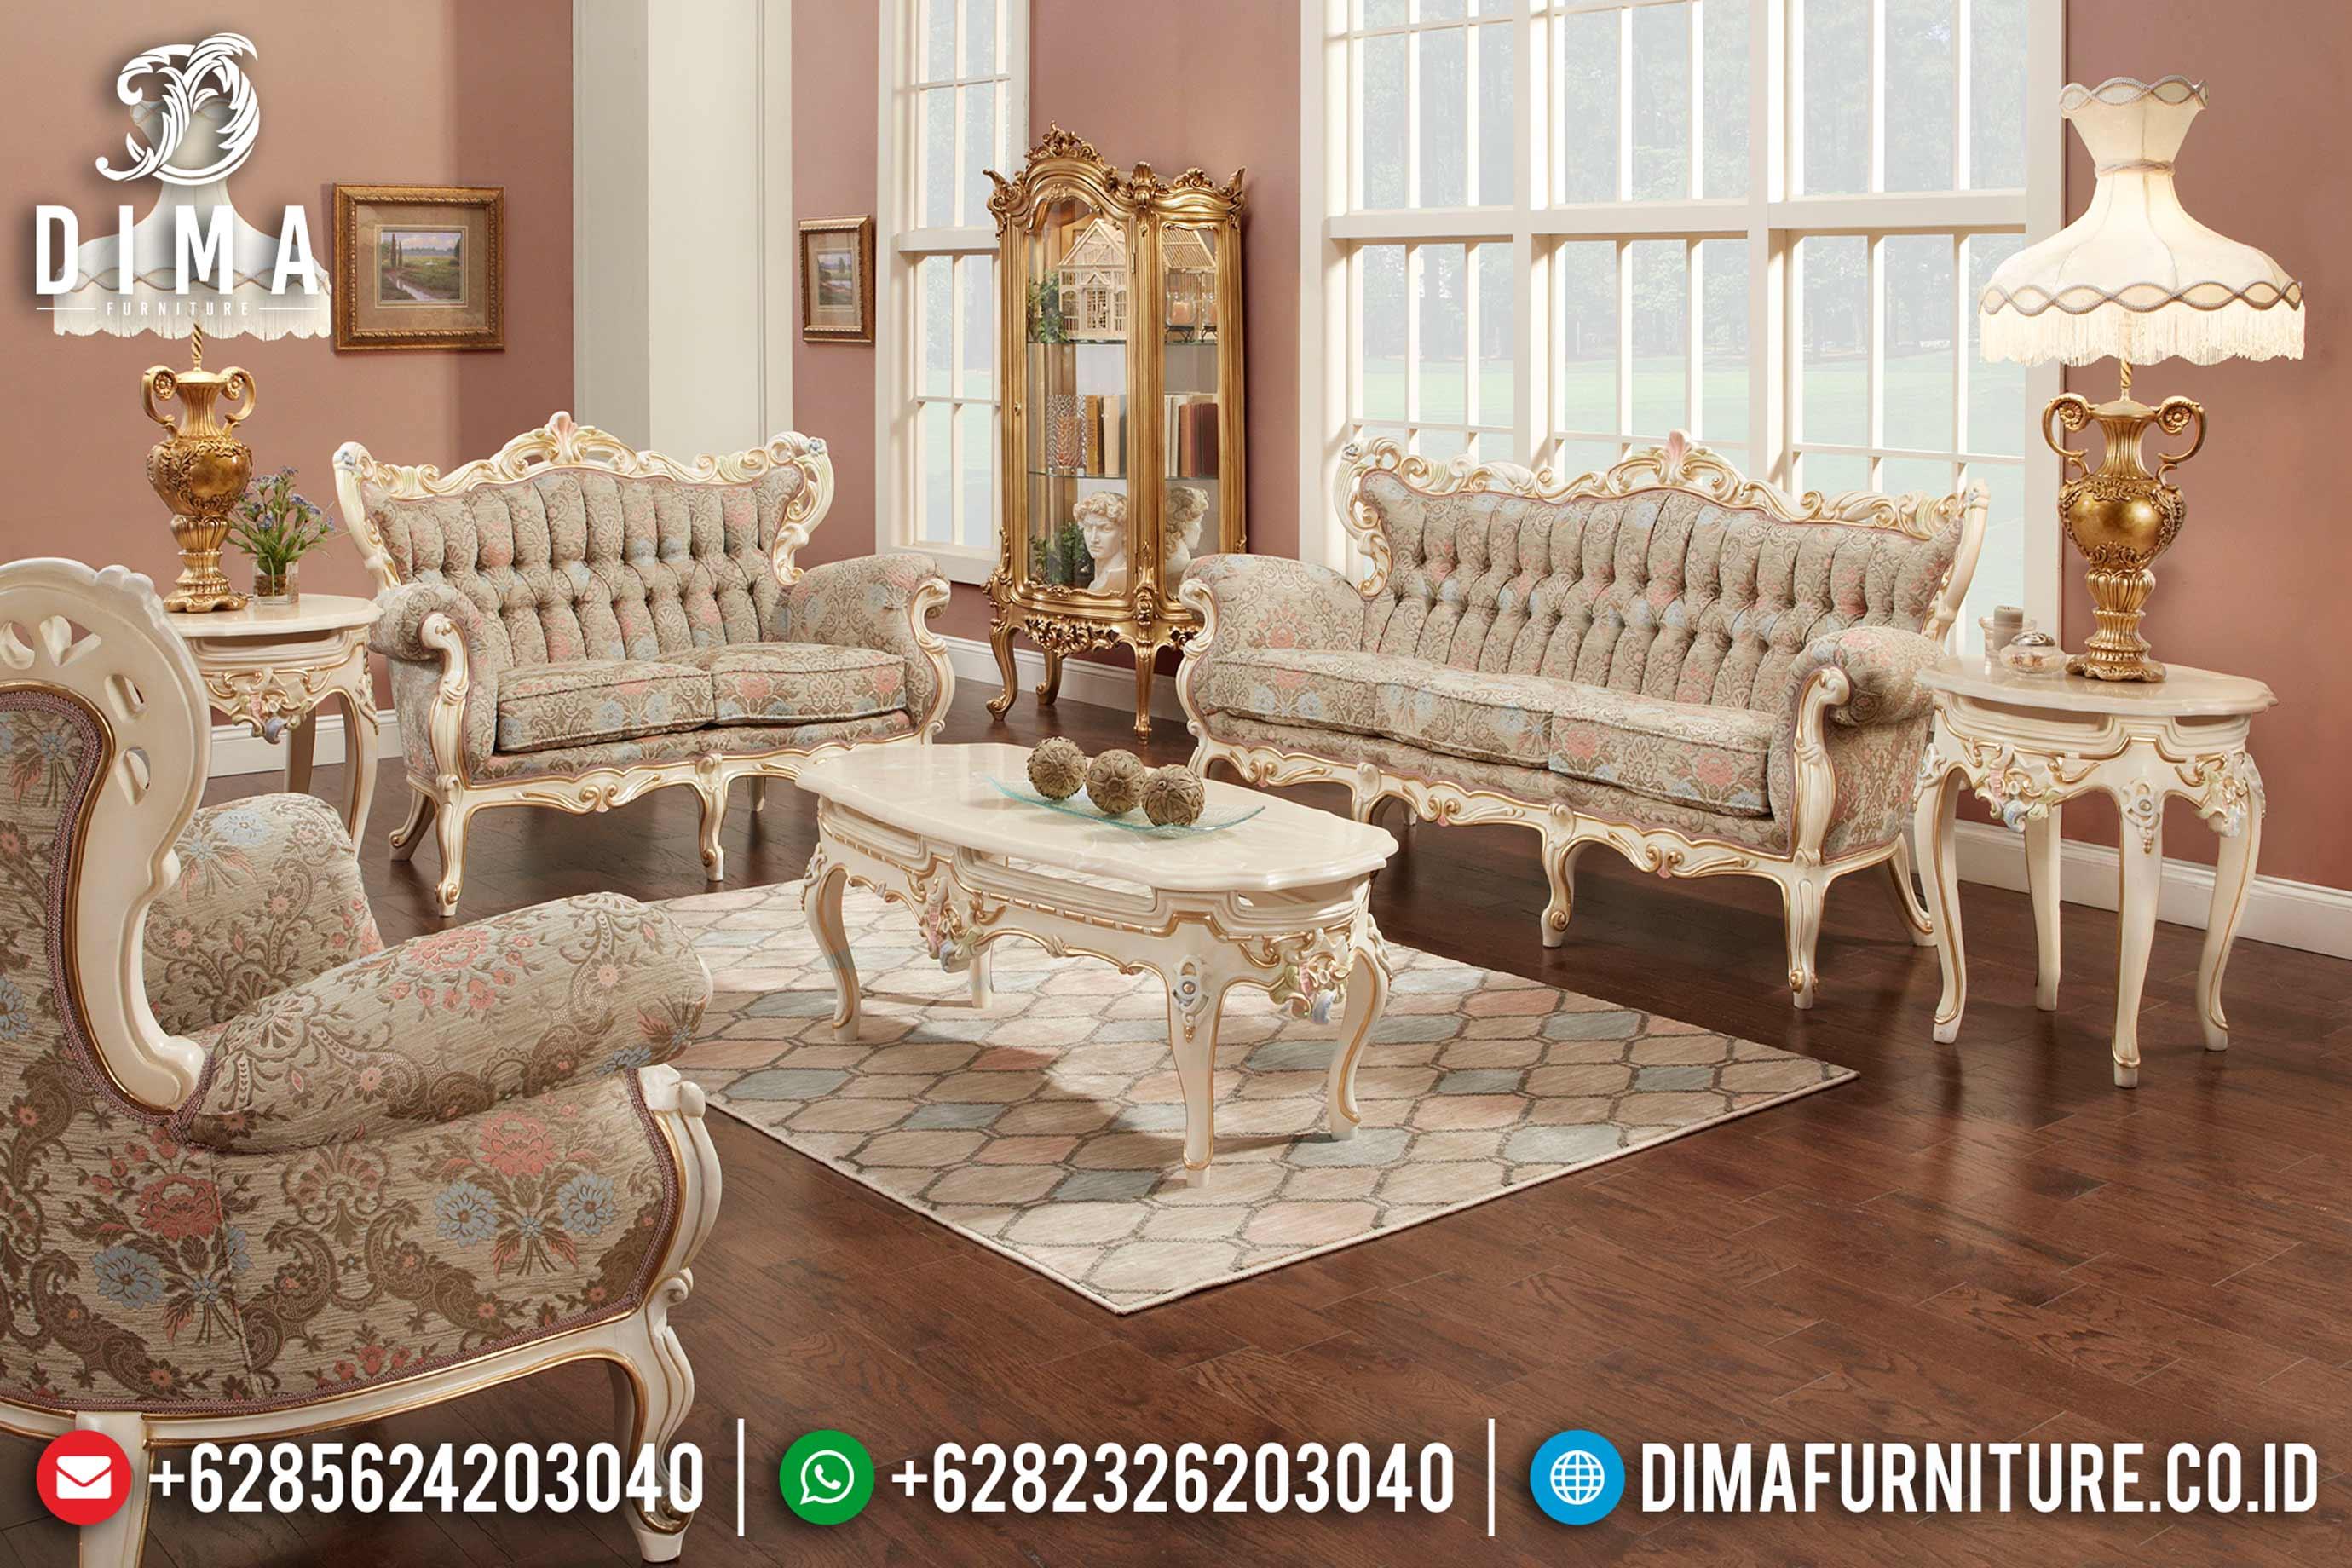 Mebel Jepara Terbaru 1 Set Sofa Tamu Mewah Ukiran Klasik Jepara MM-0350